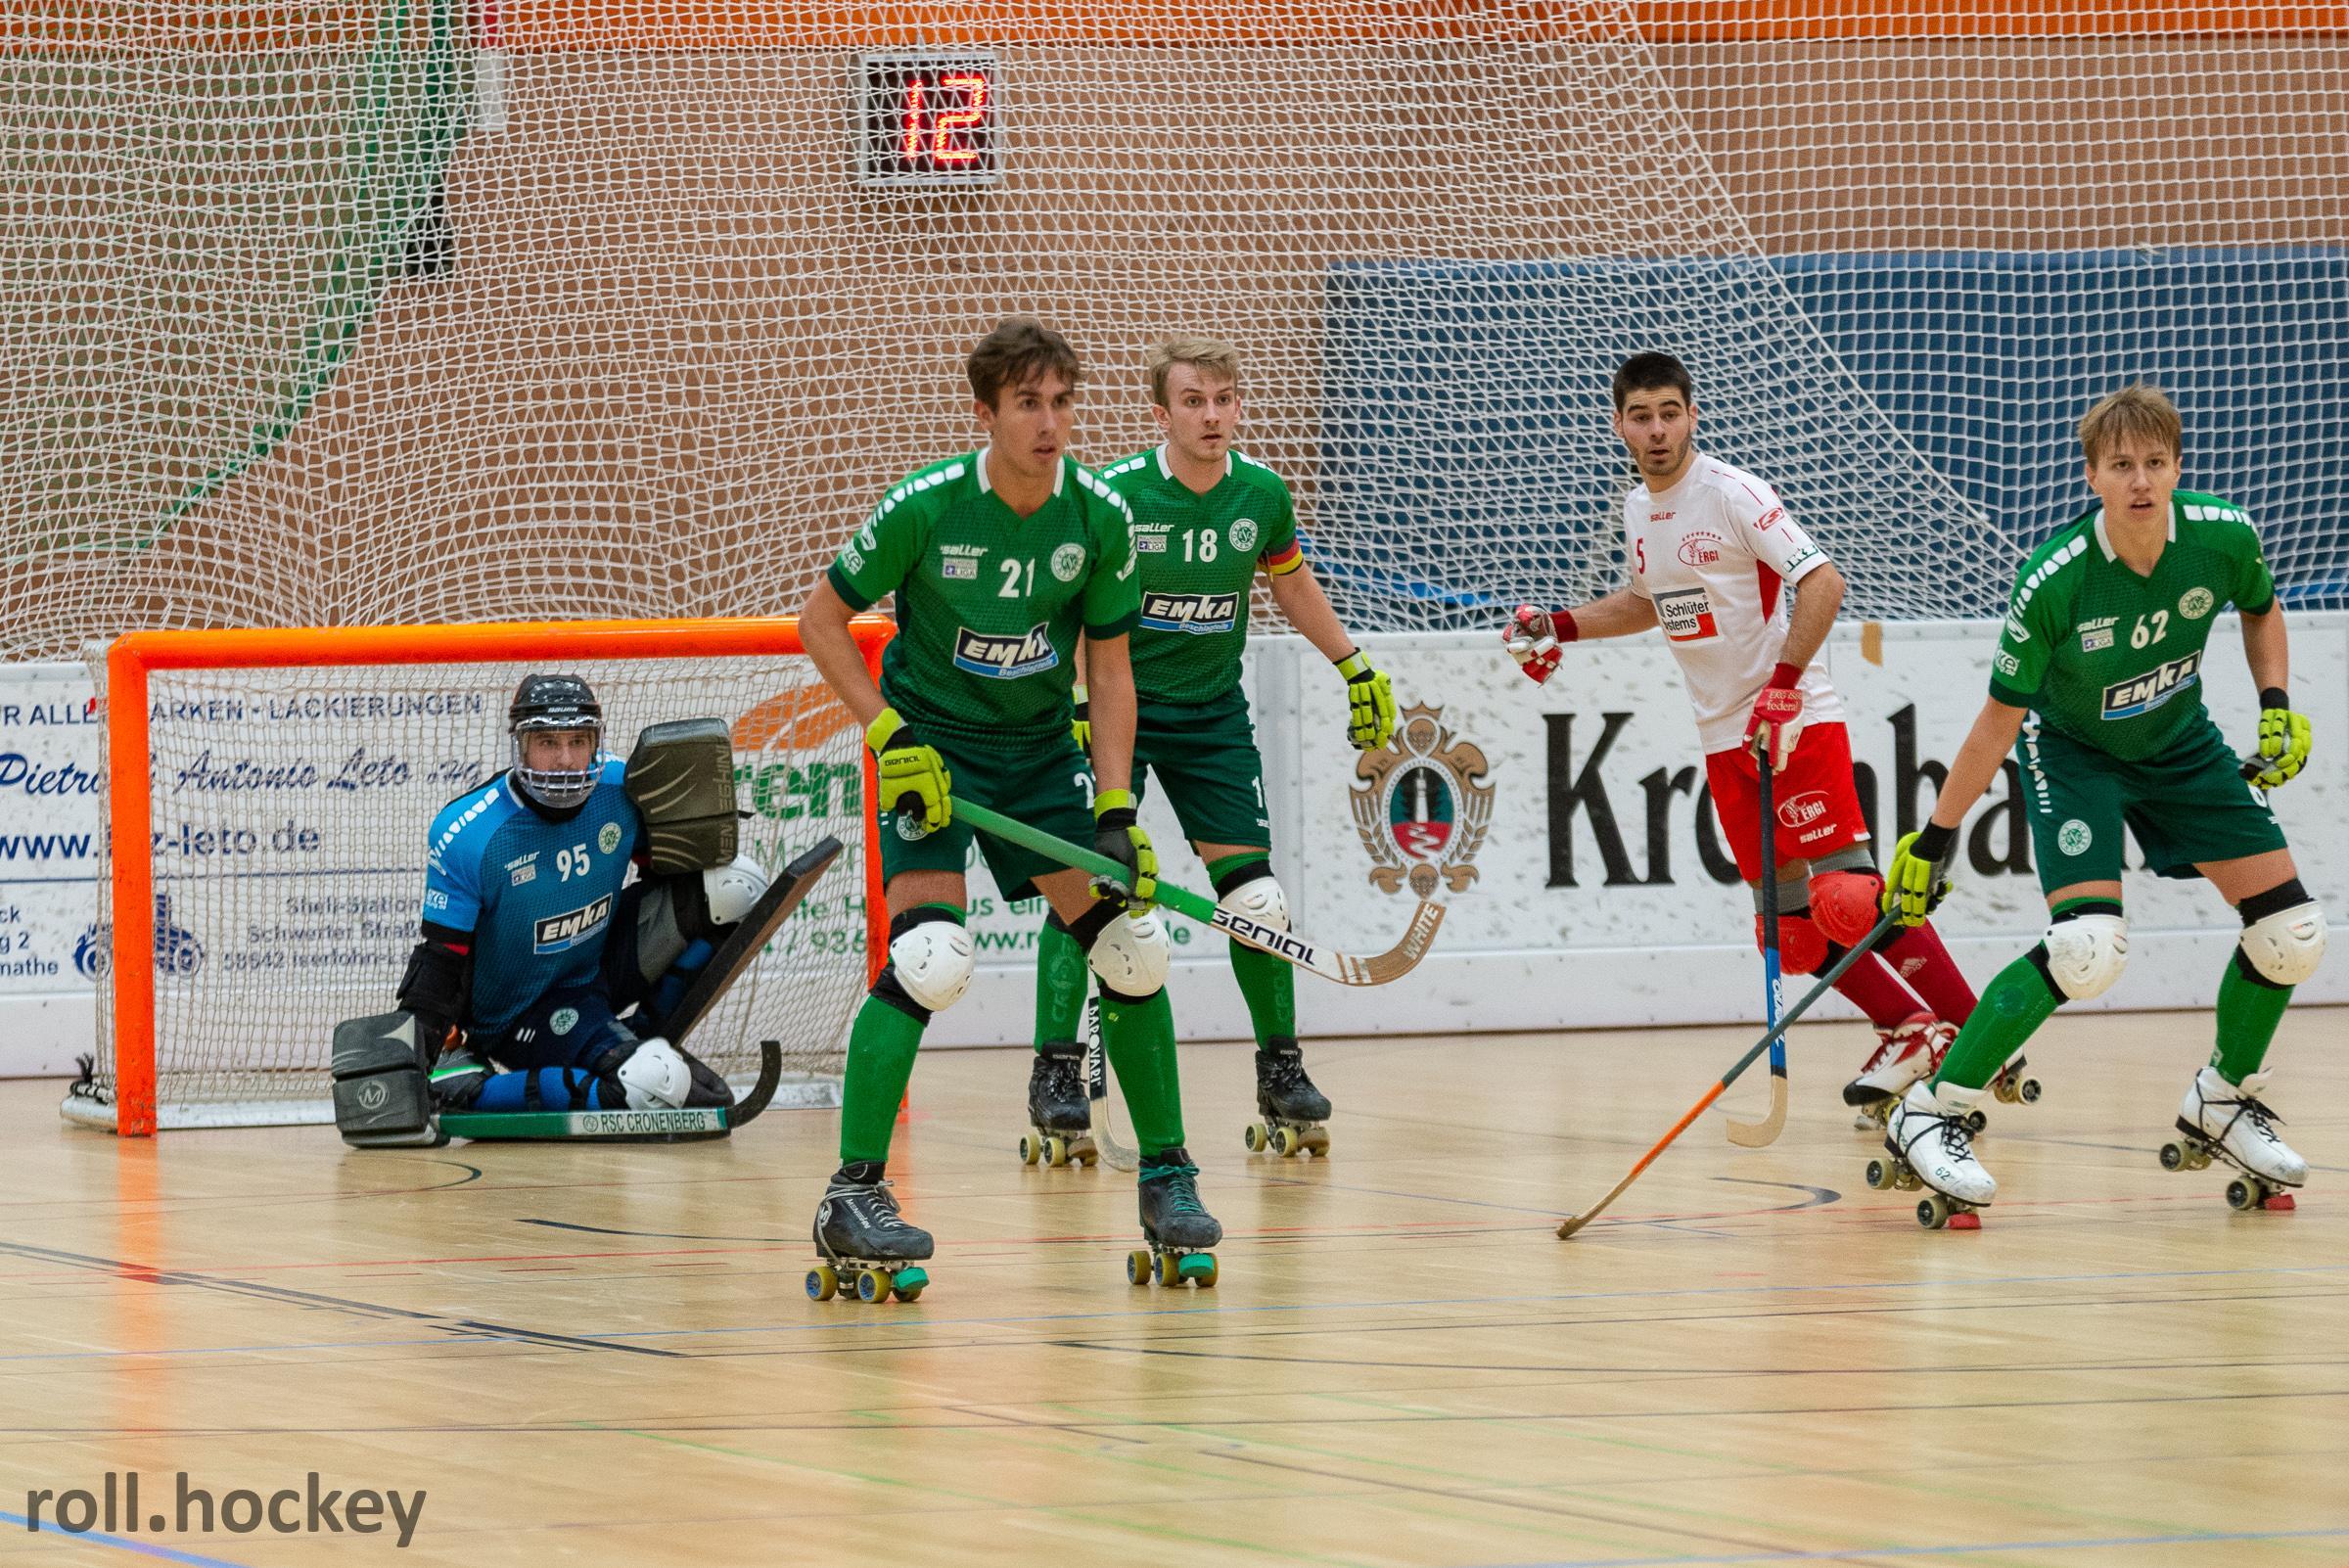 RSC Cronenberg Rollhockey Bundesliga Herren Spieltag 03.11.2018